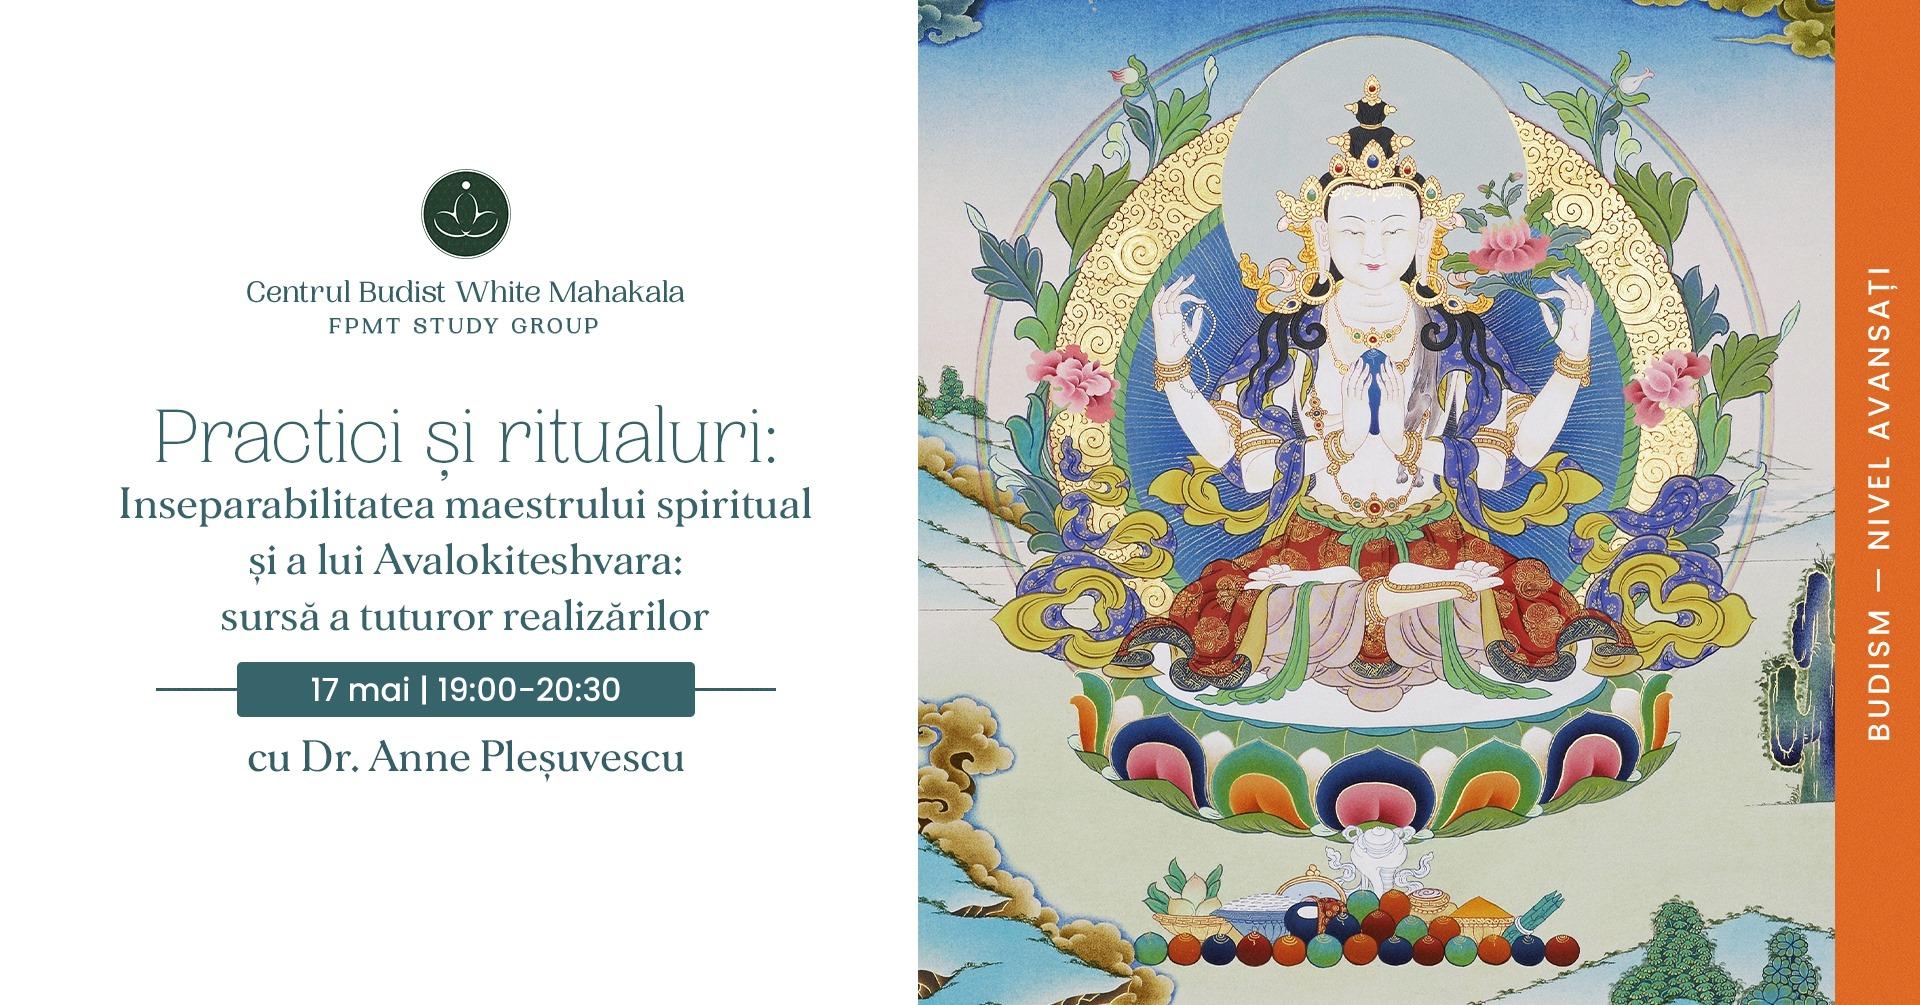 PRACTICI SI RITUALURI BUDISTE – Inseparabilitatea maestrului spiritual și a lui Avalokiteshvara